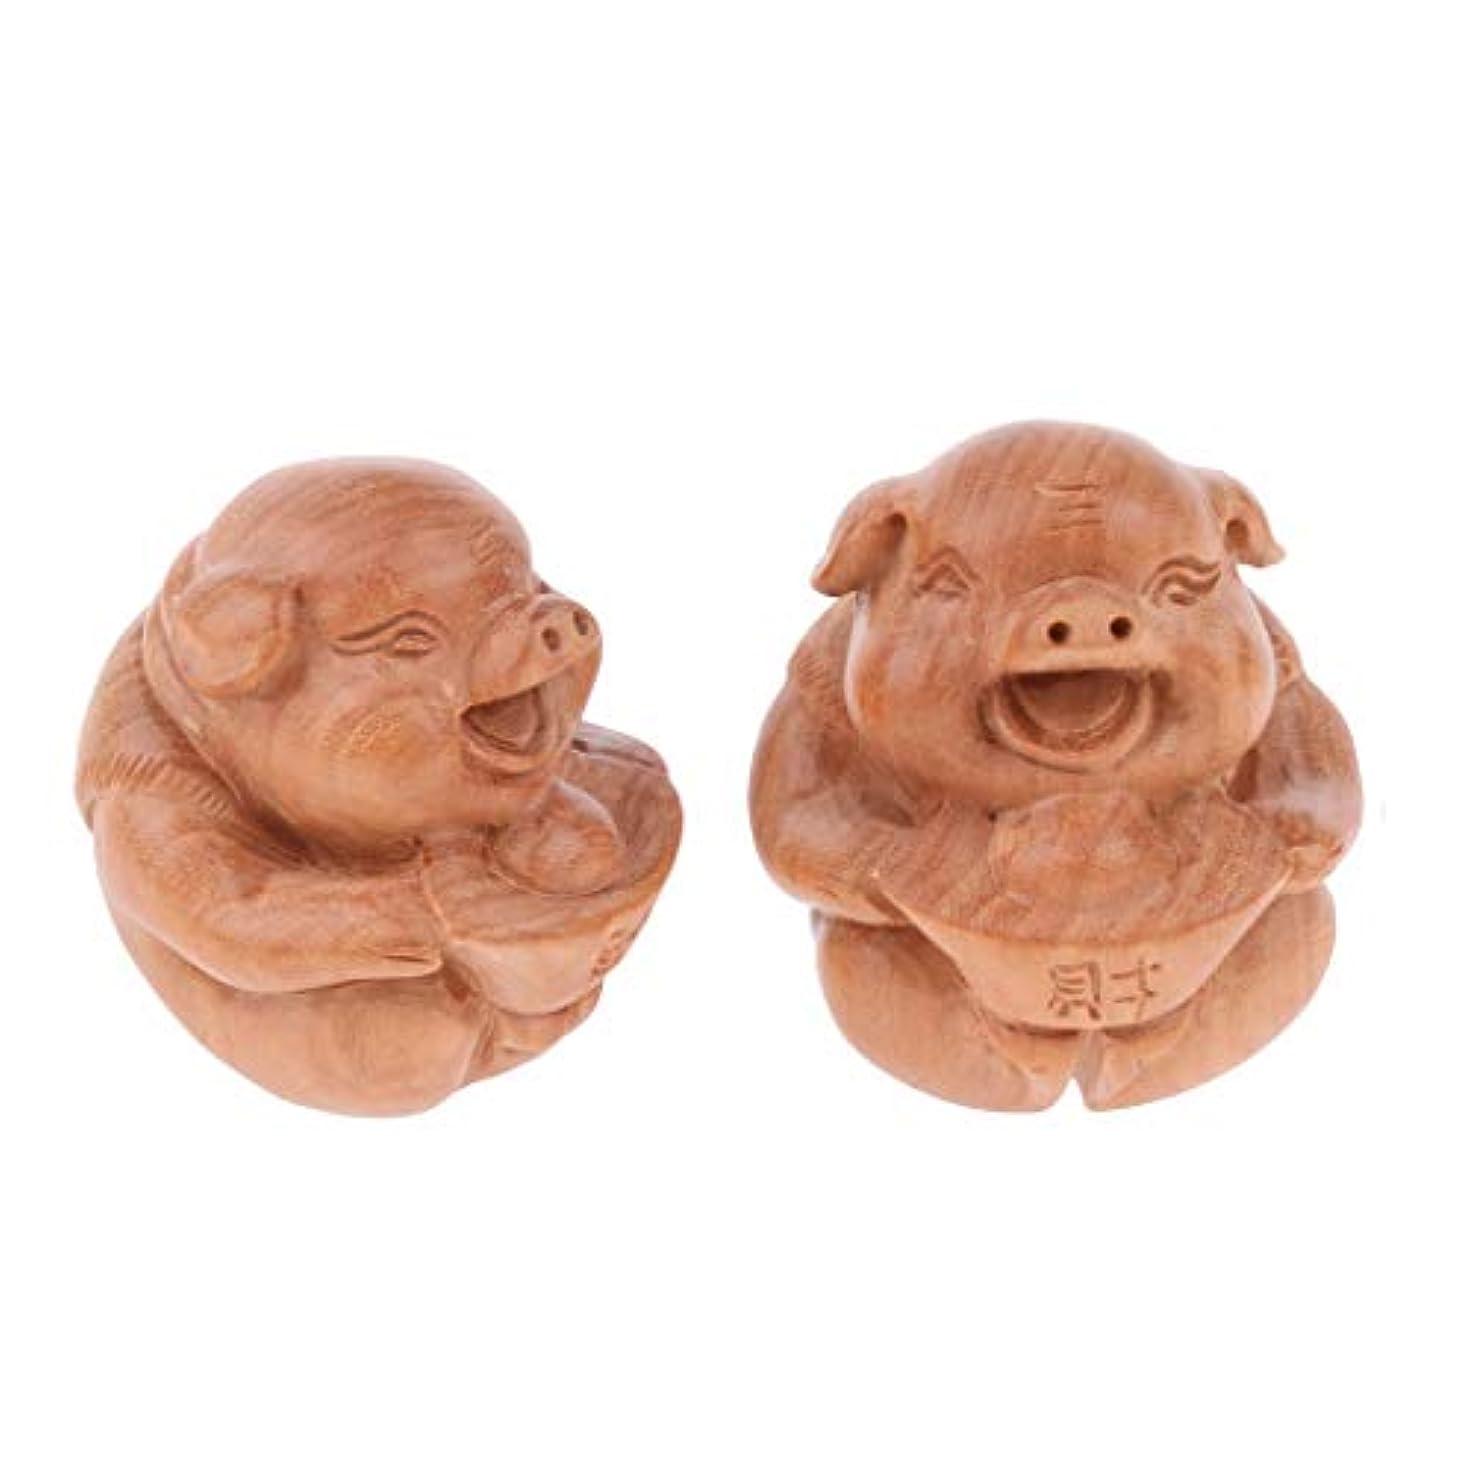 センチメンタルポルトガル語可愛いPerfeclan マッサージボール 指エクササイズ 1ペア 木製 可愛い 豚